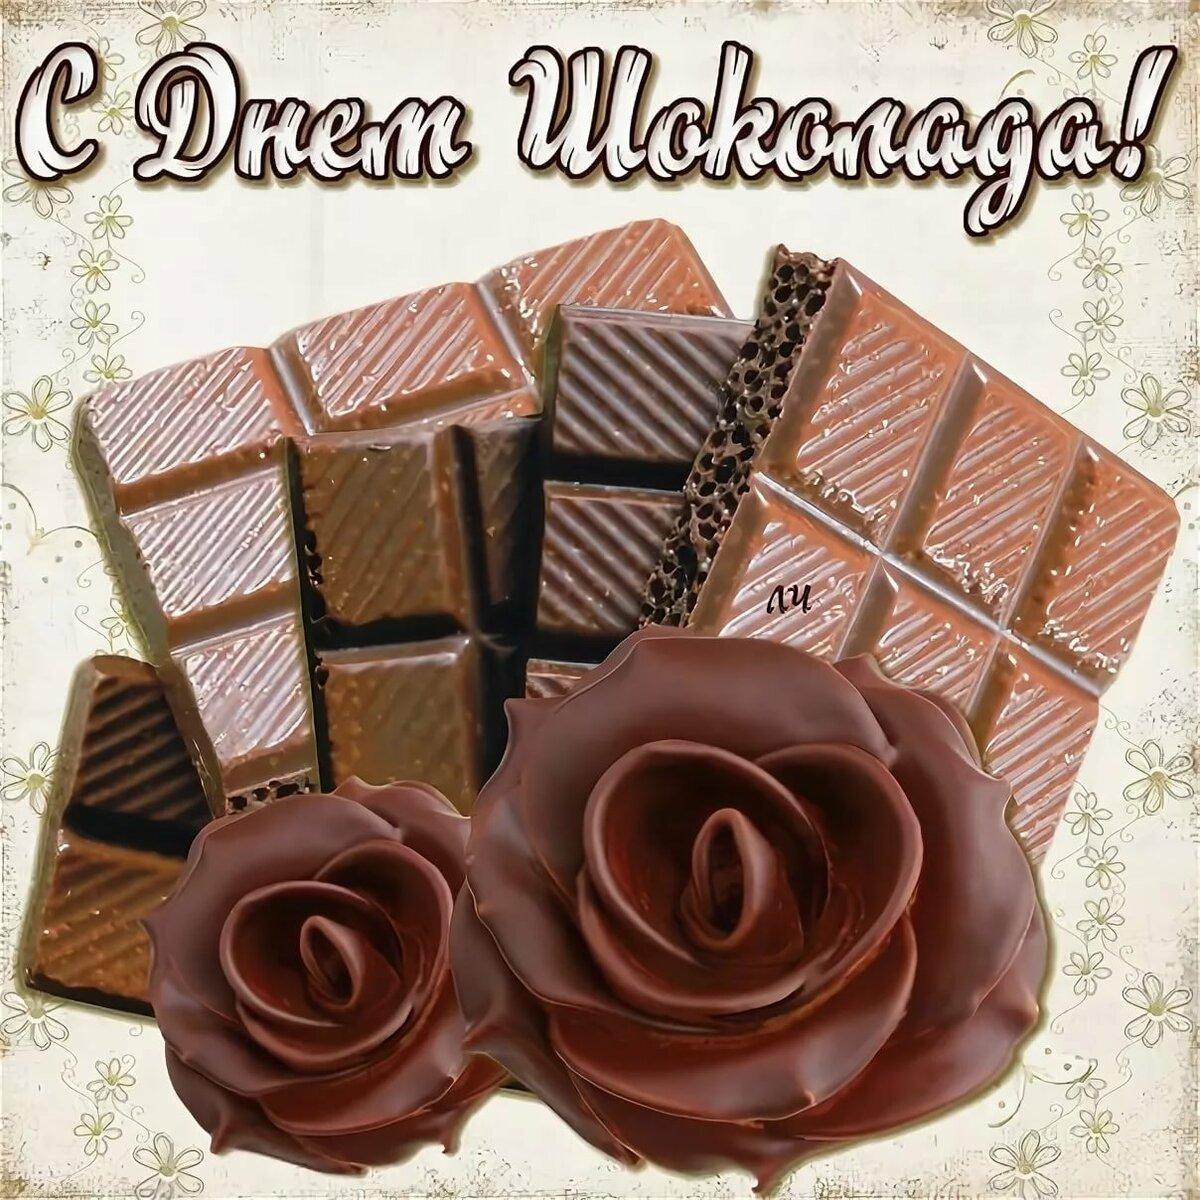 Добрым, картинки ко всемирному дню шоколада